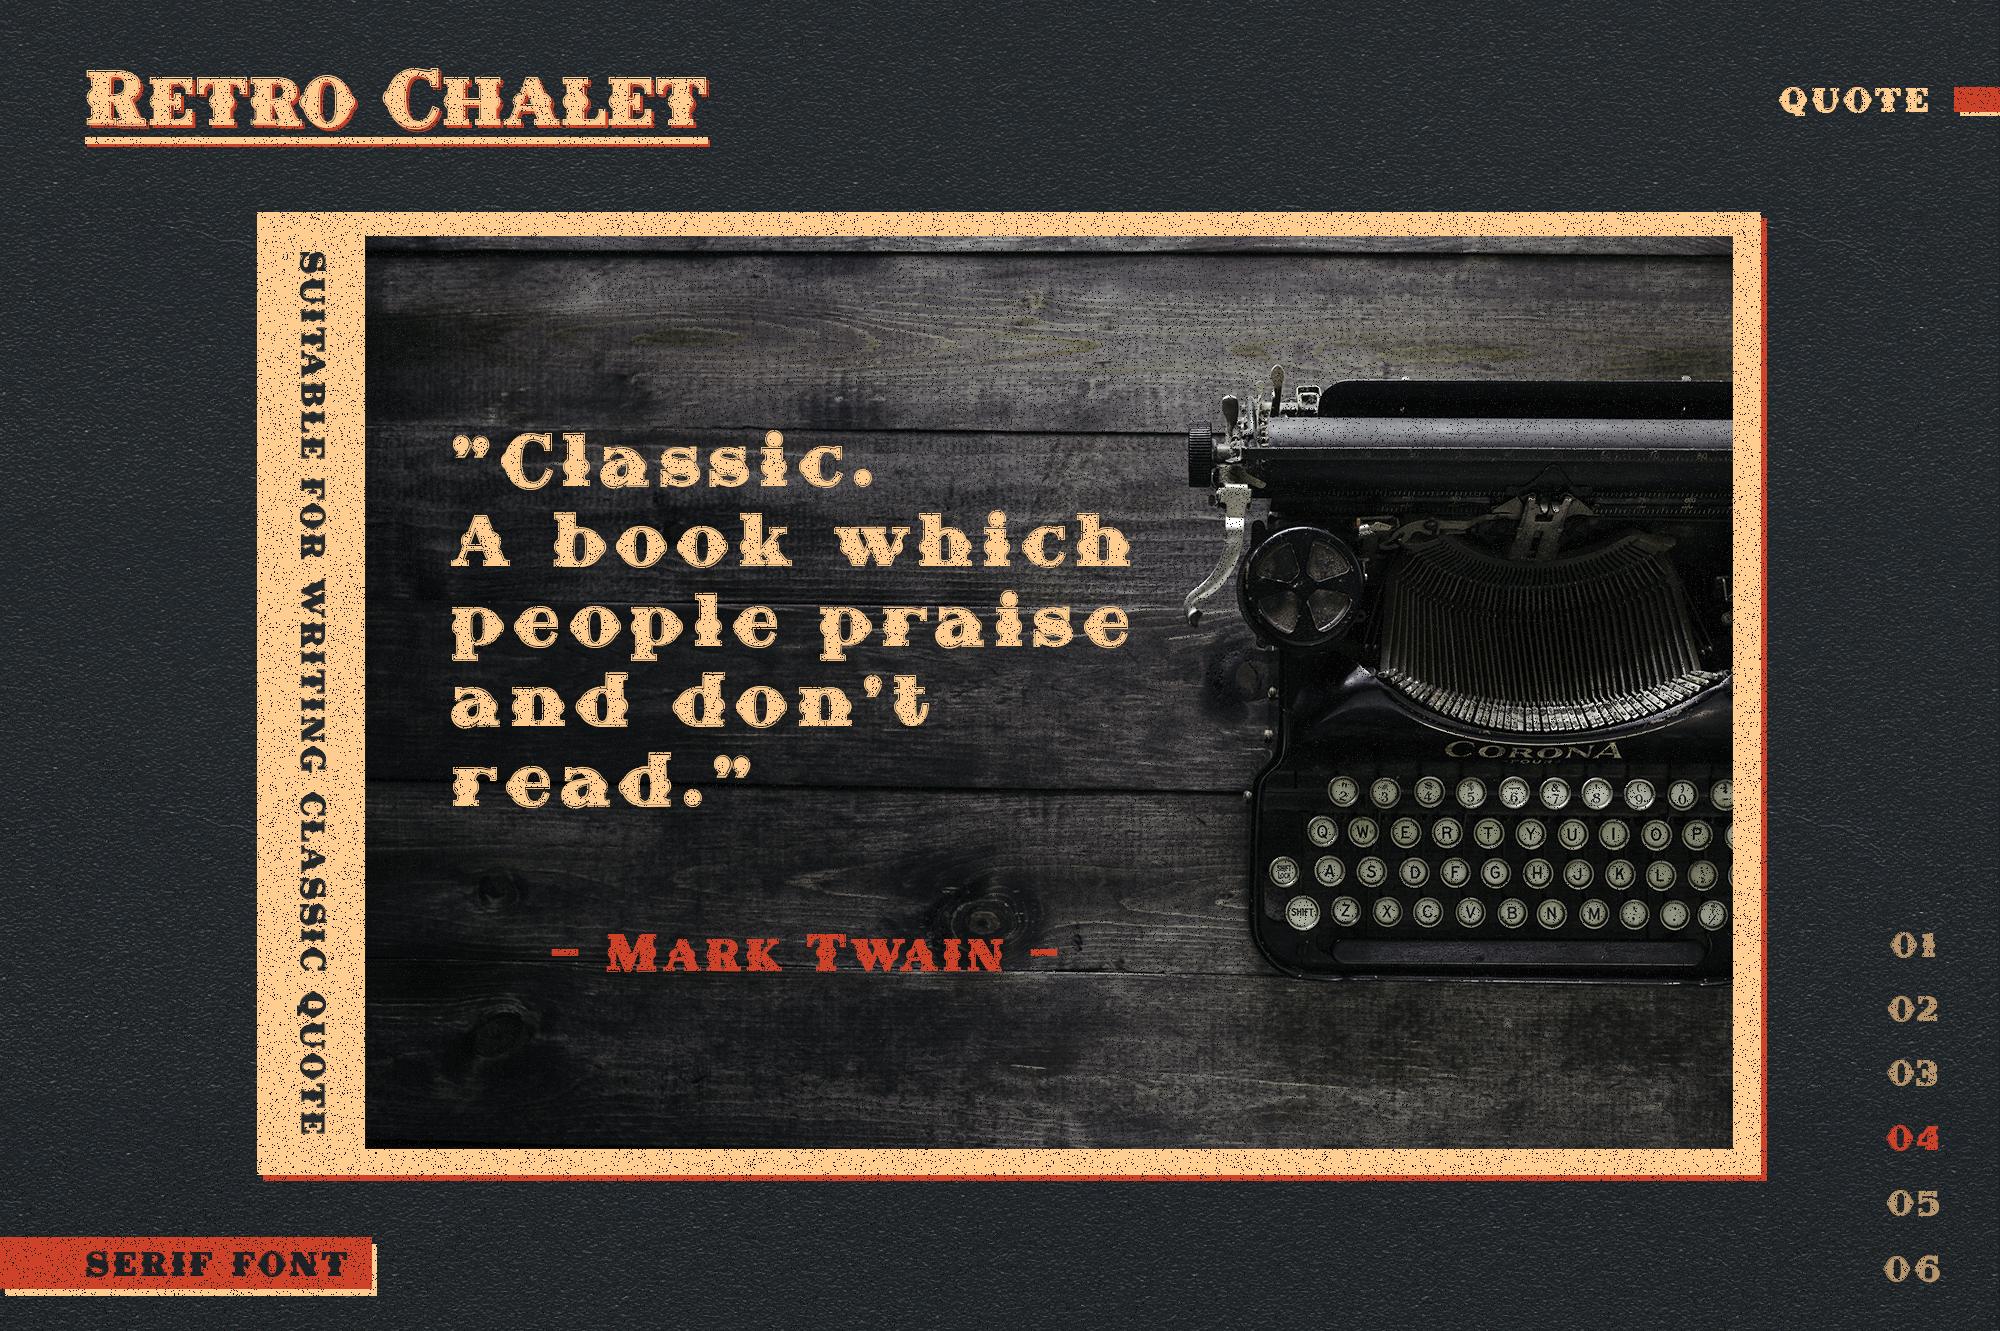 Retro Chalet example image 4